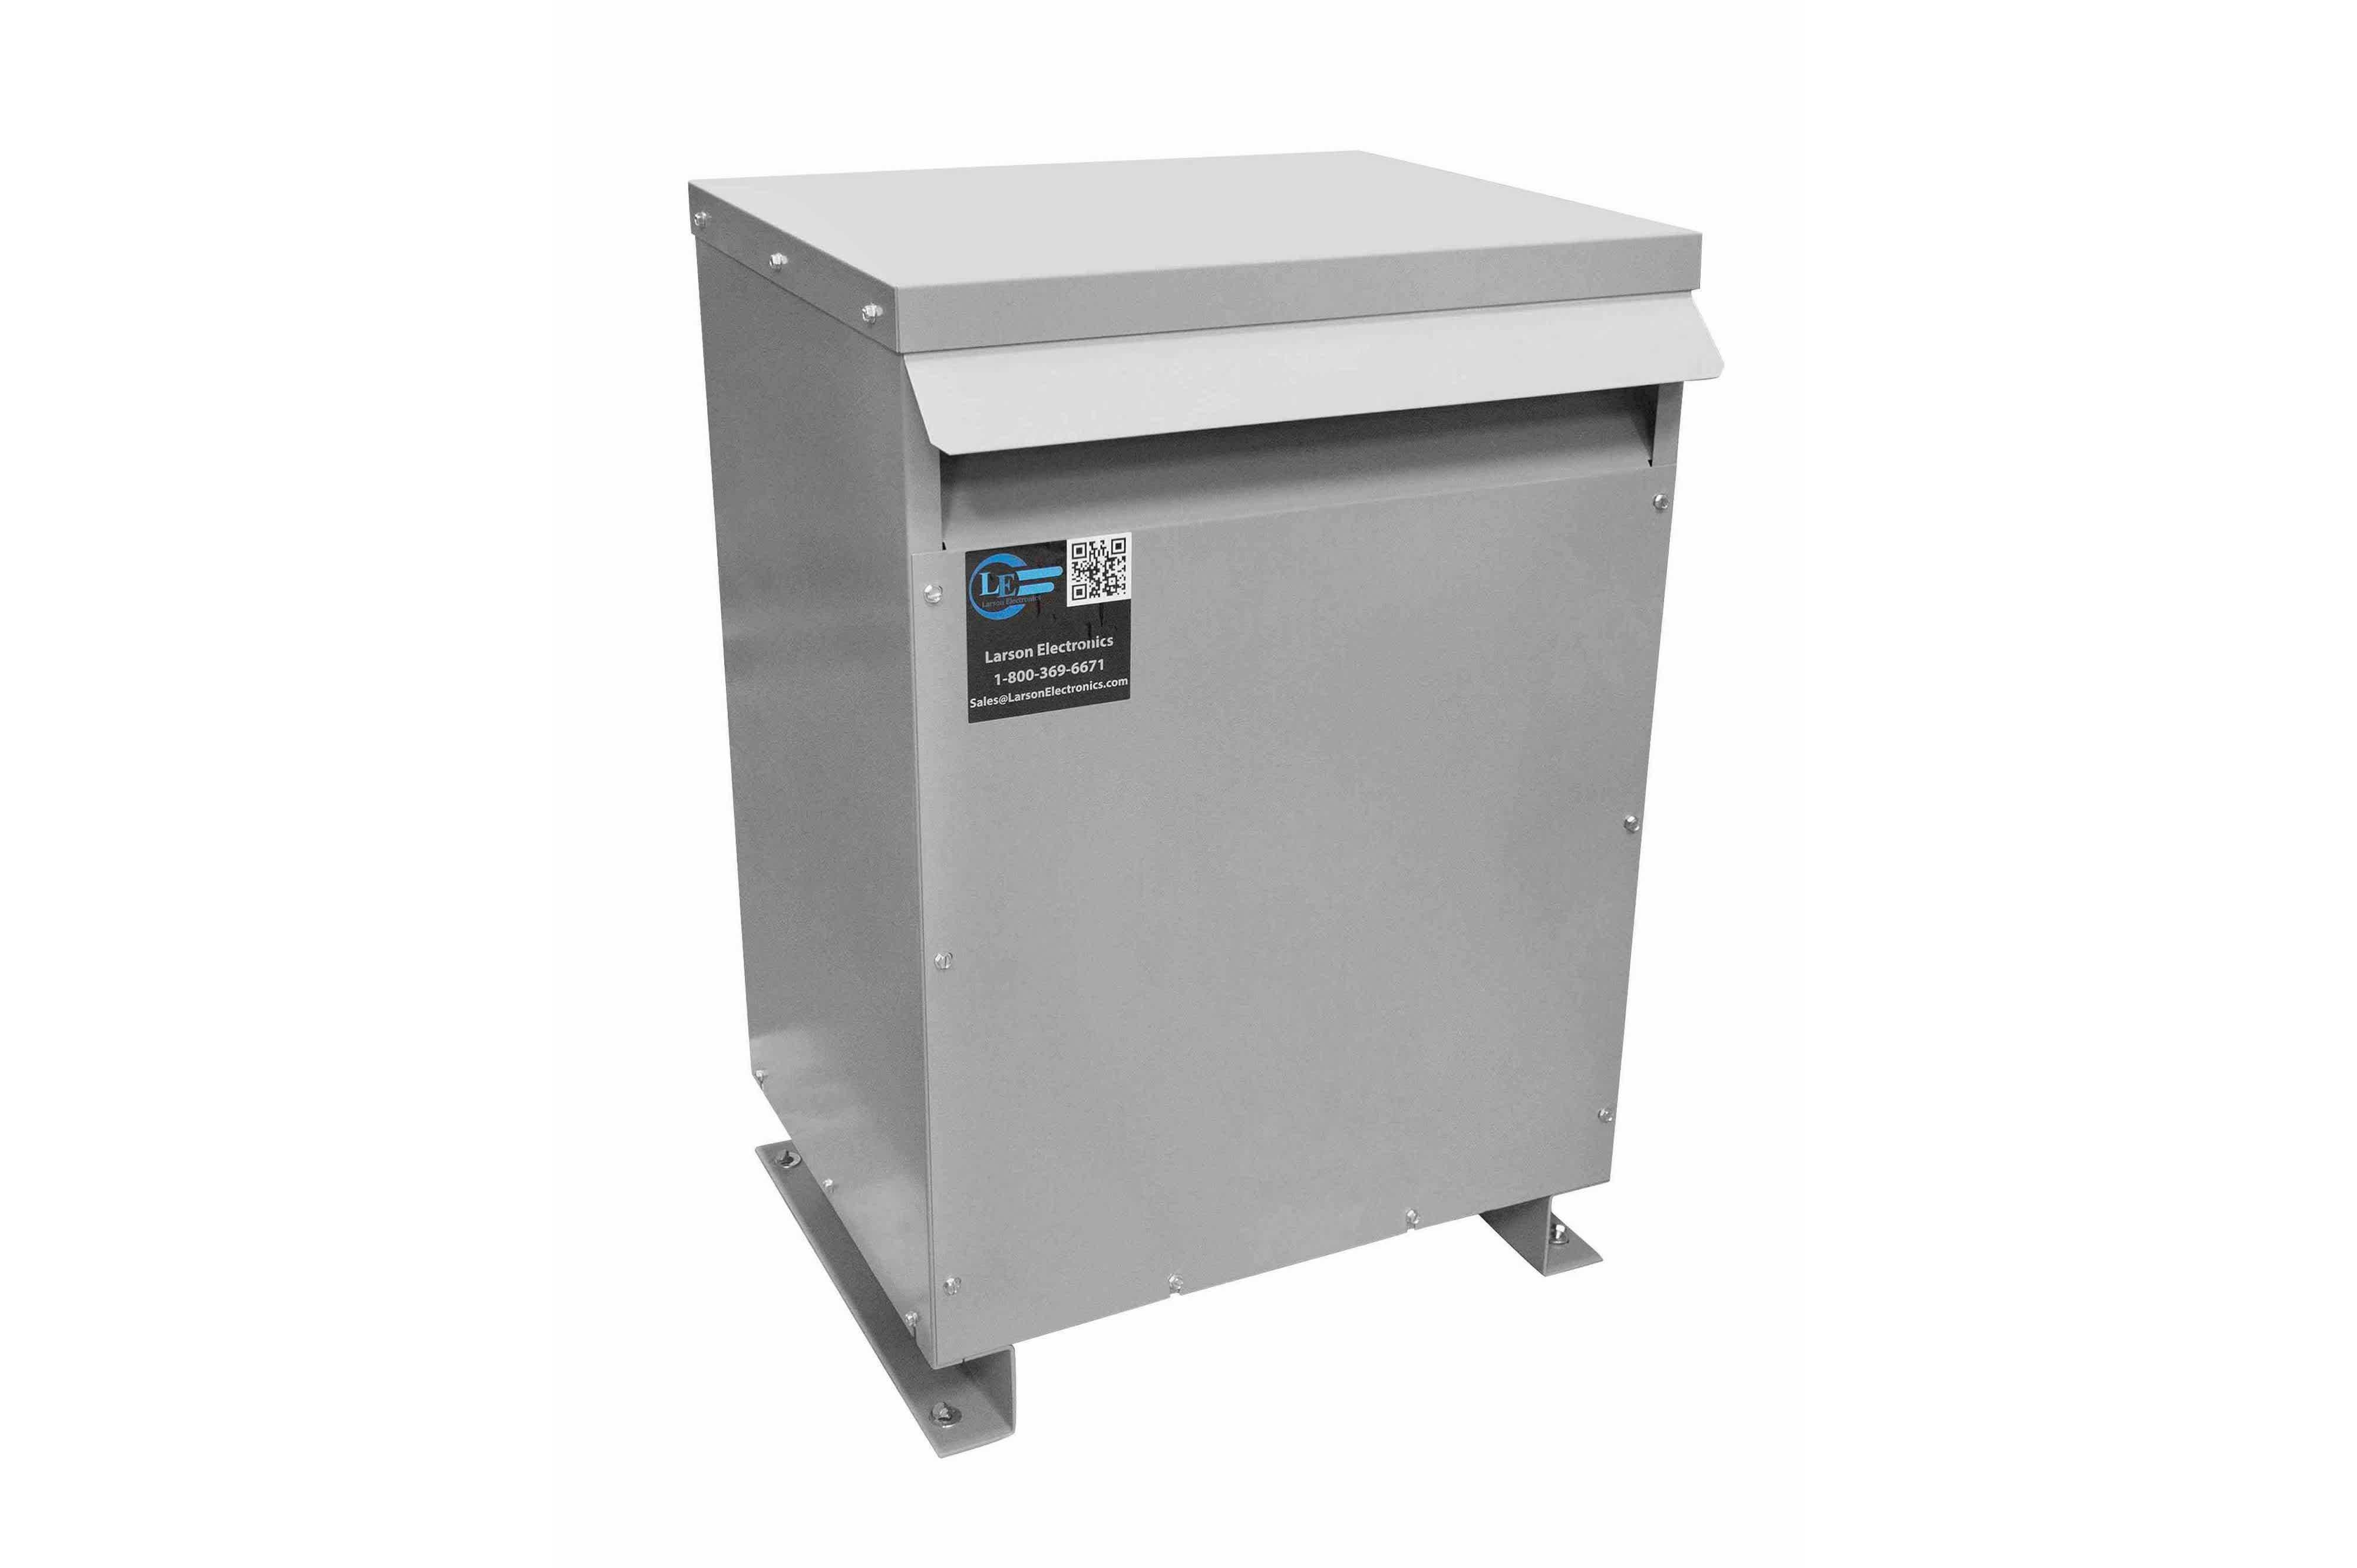 110 kVA 3PH Isolation Transformer, 208V Delta Primary, 600V Delta Secondary, N3R, Ventilated, 60 Hz